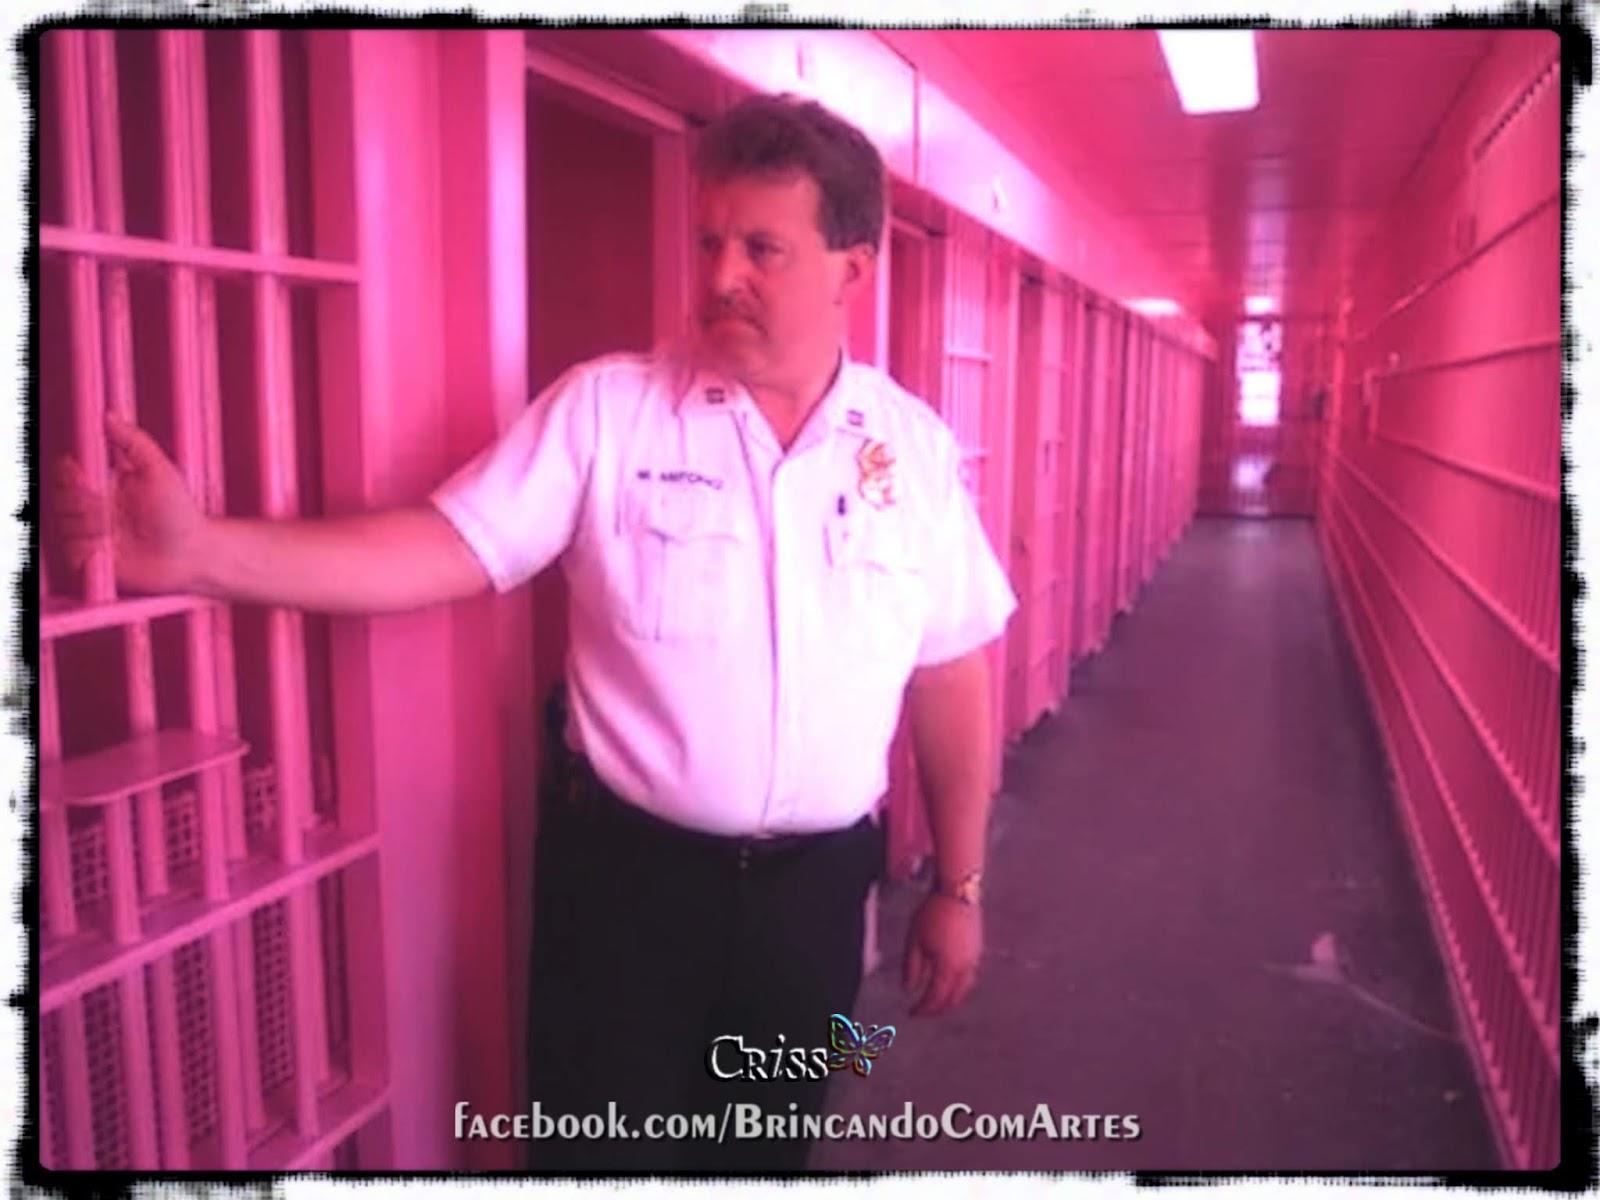 Rosa Baker-Miller utilizada em algumas cadeias norte-americanas para reduzir agressividade